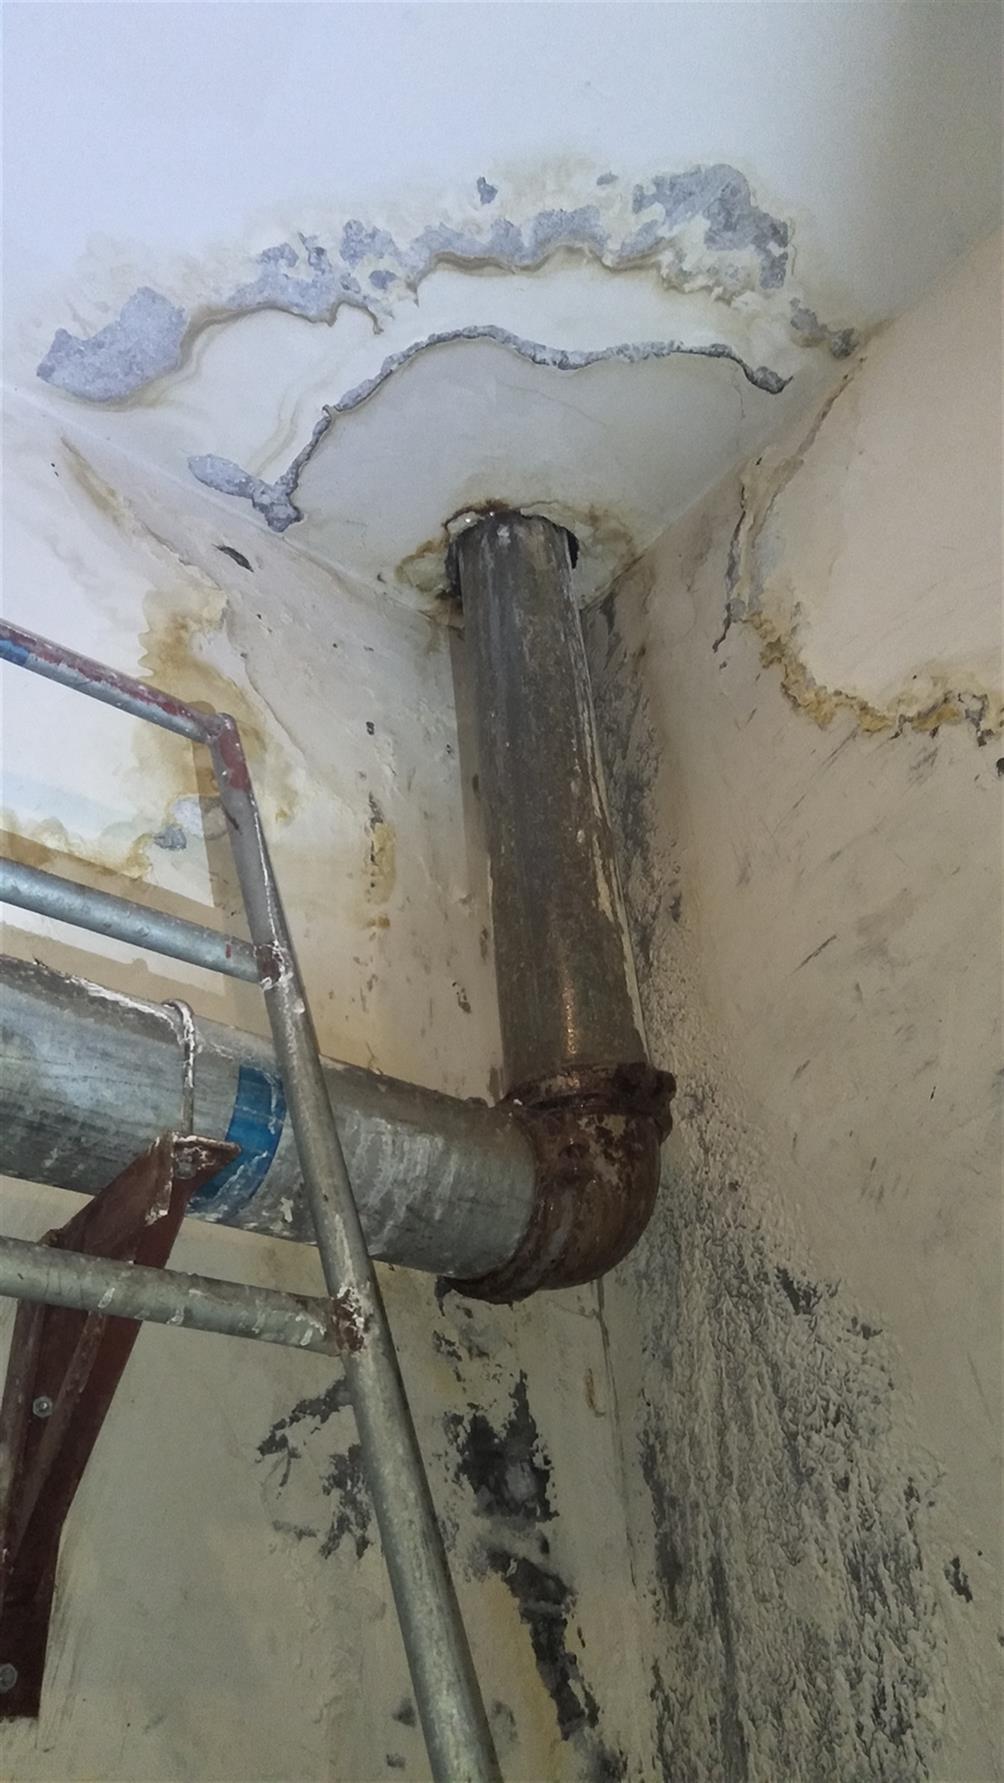 电梯井漏水处理费用